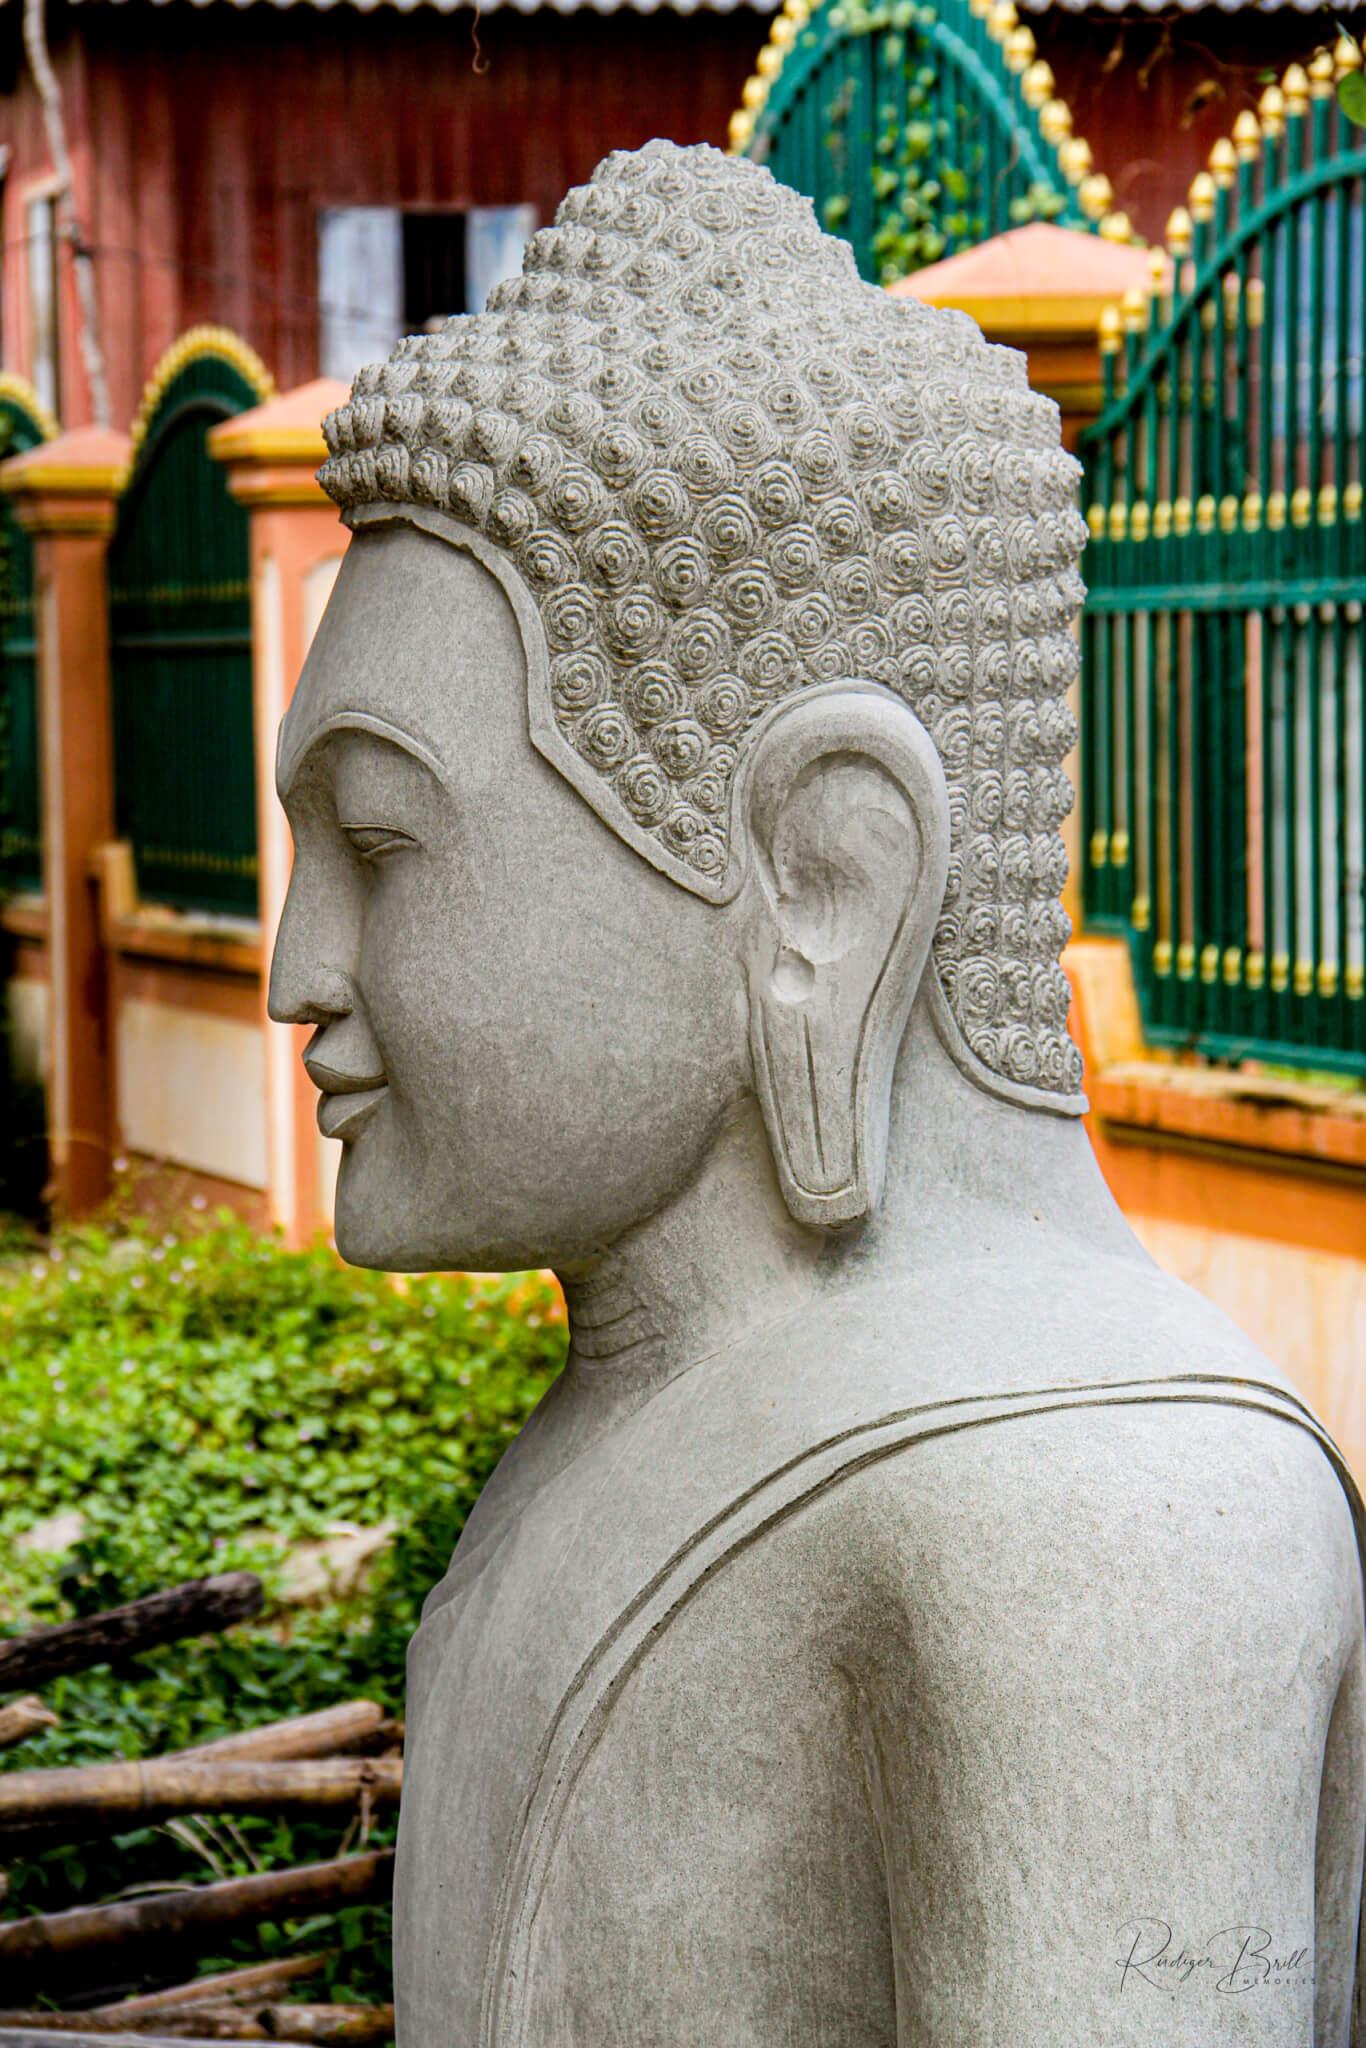 Ein in Stein gemeißelter Khmer-Krieger in einem Garten Meisterwerk eines Bildhauers in Kambodscha